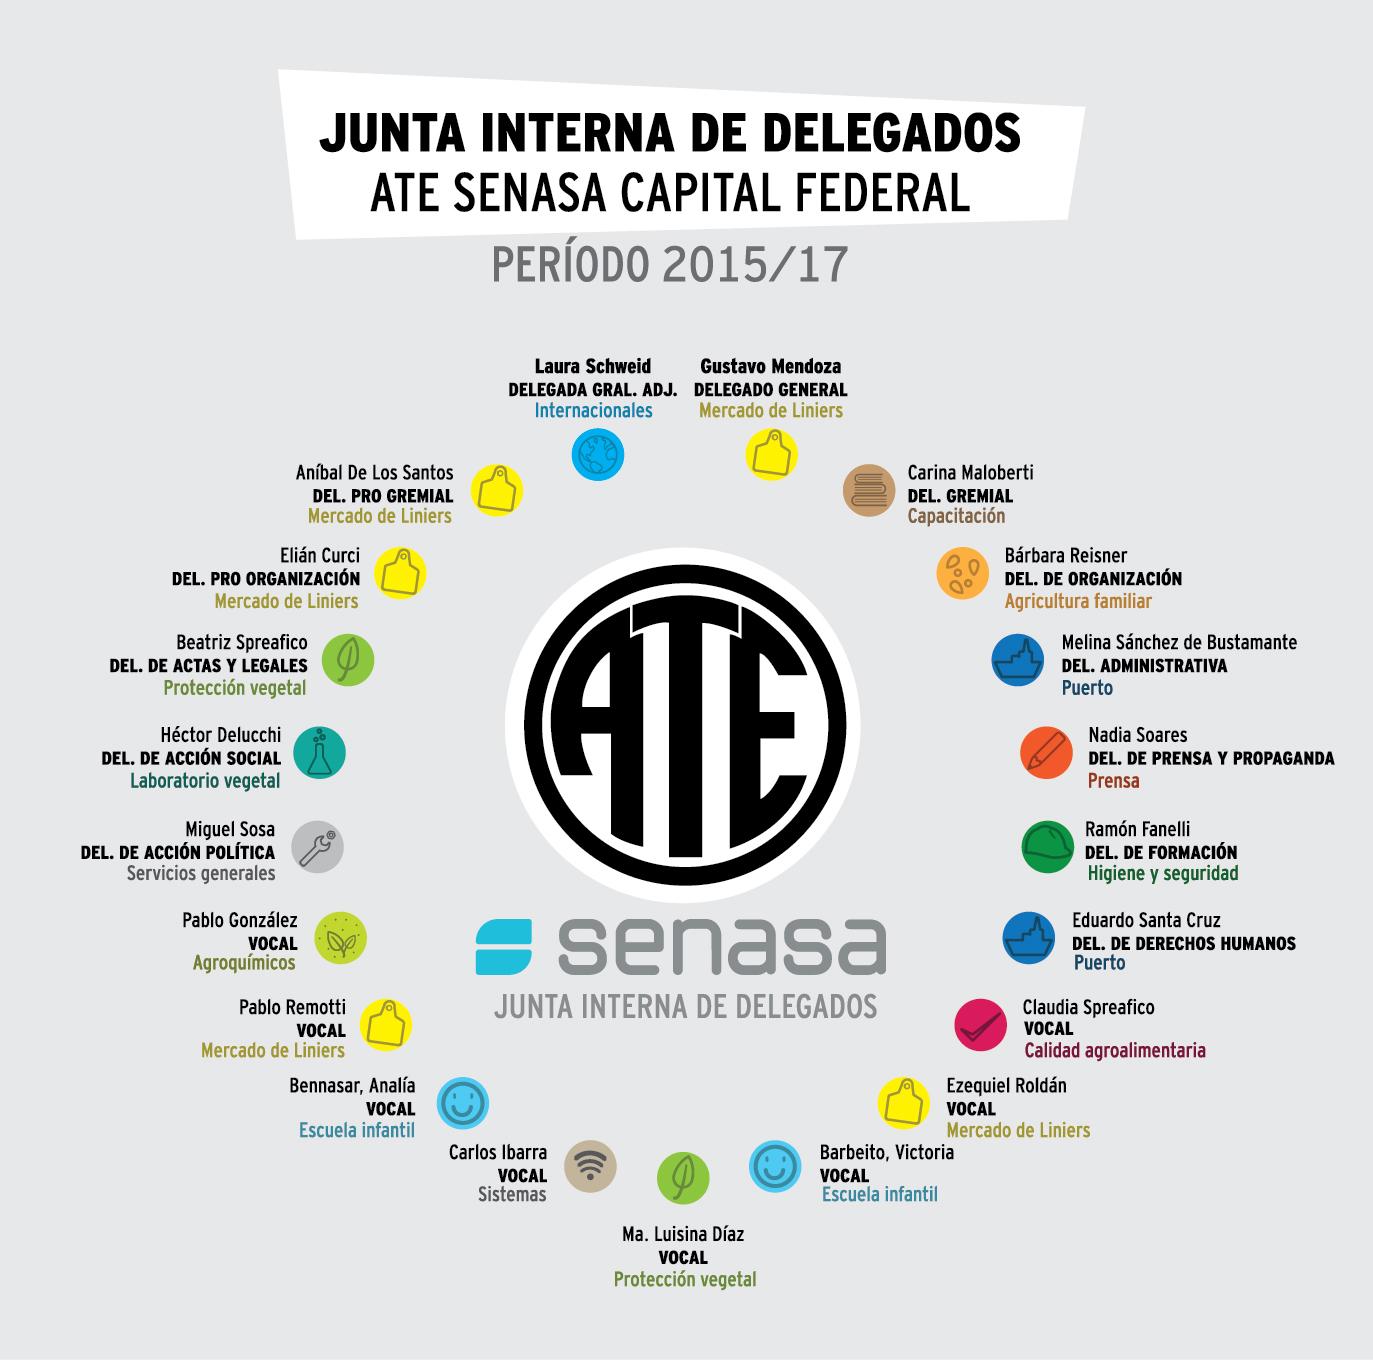 JUNTA INTERNA DE DELEGADOS